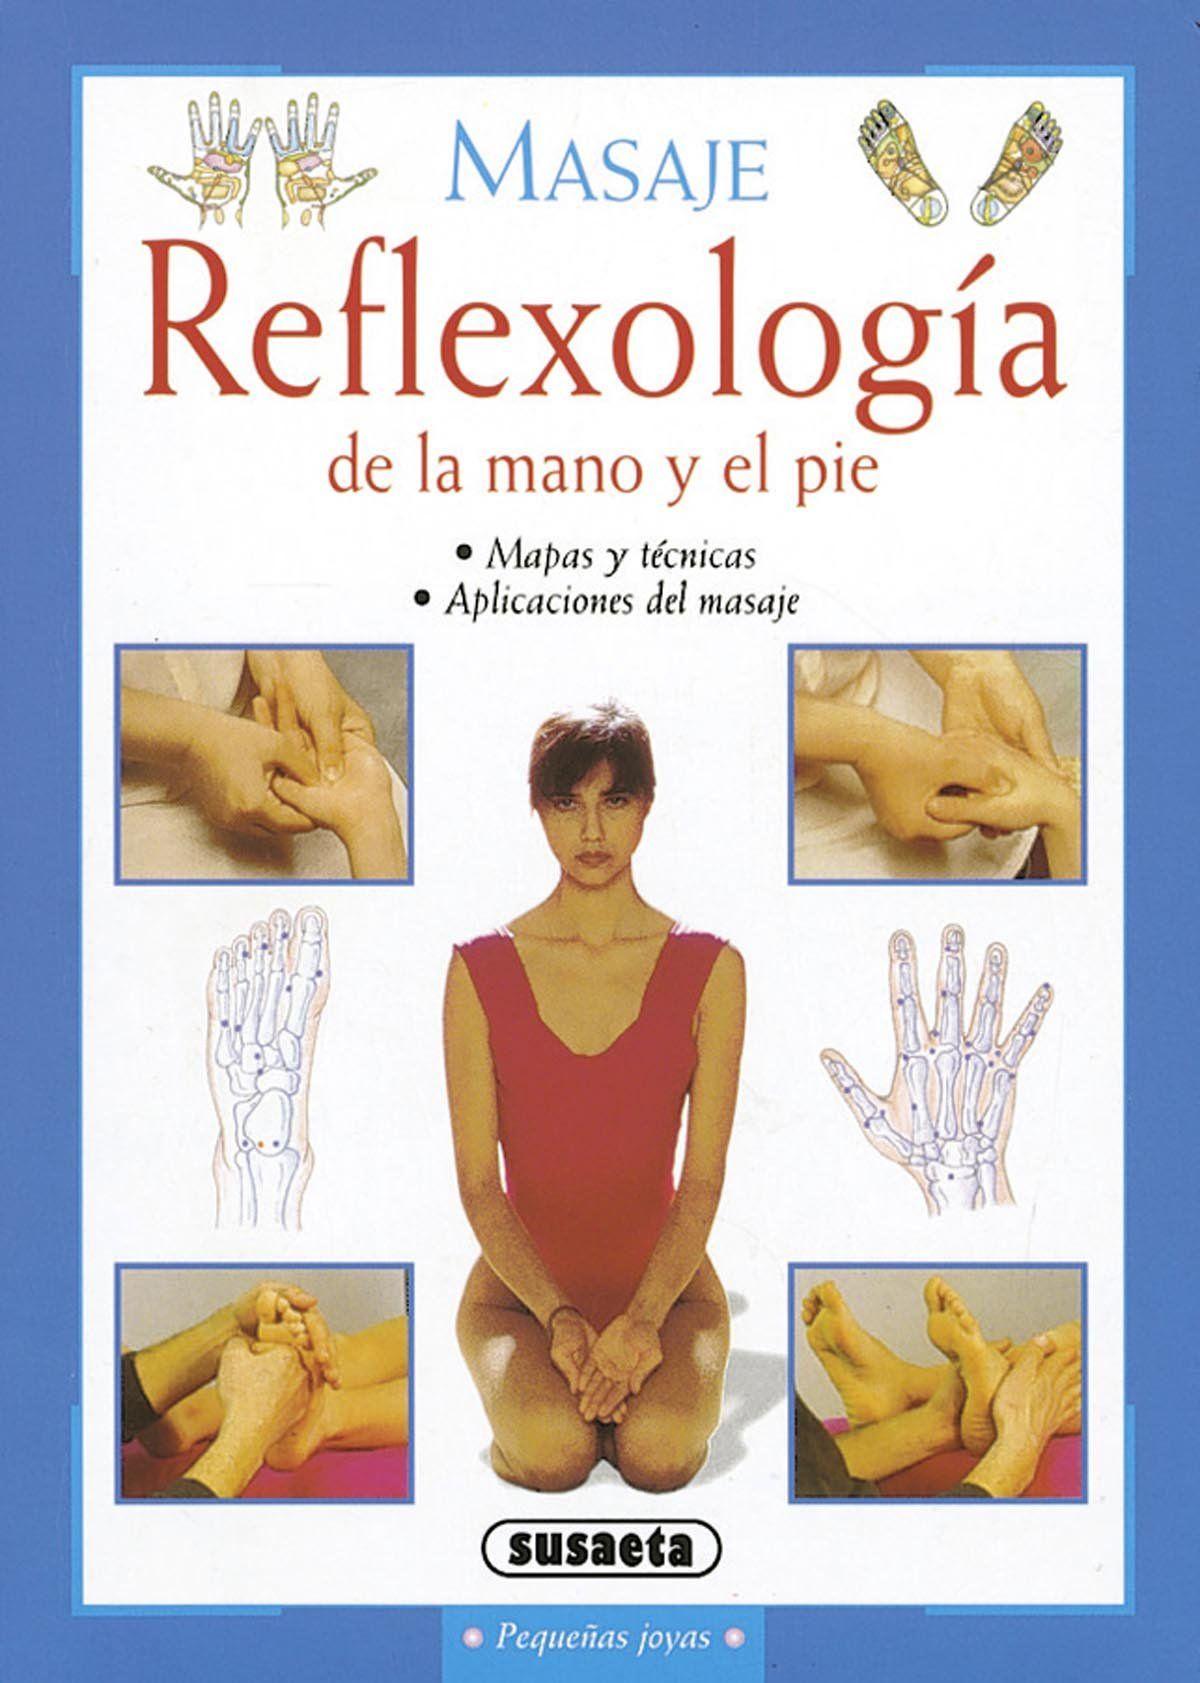 Breve Libro Ilustrado De Reflexología Que Nos Muestra Cómo Hacer Masajes En Los Pies Y En Las Manos Reflexología Masaje Como Hacer Masajes